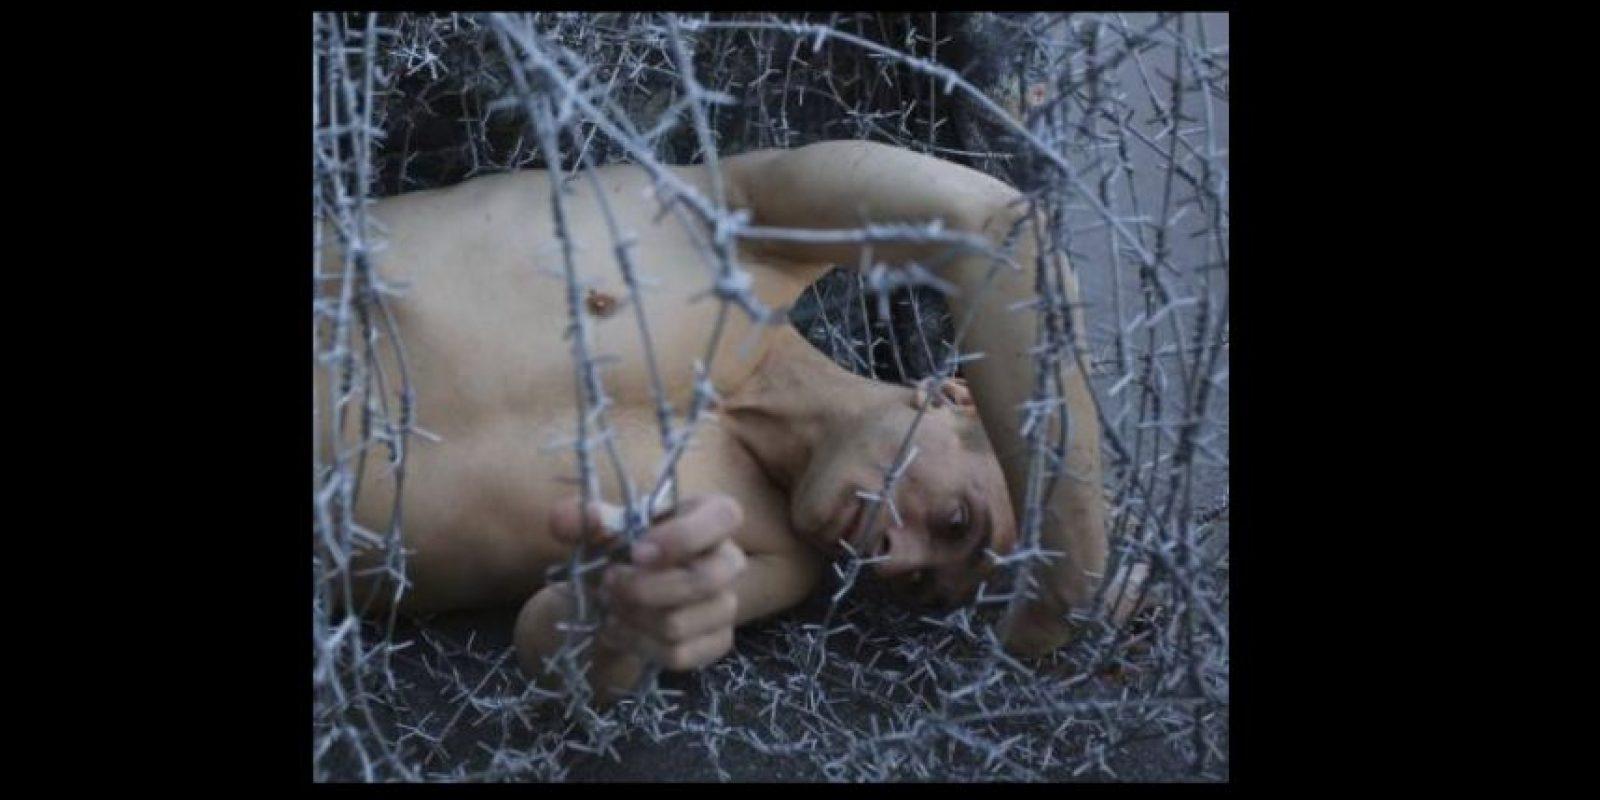 Por el último podría obtener 15 días de cárcel o hasta cinco años. Foto:Vía facebook.com/Petr-Pavlensky